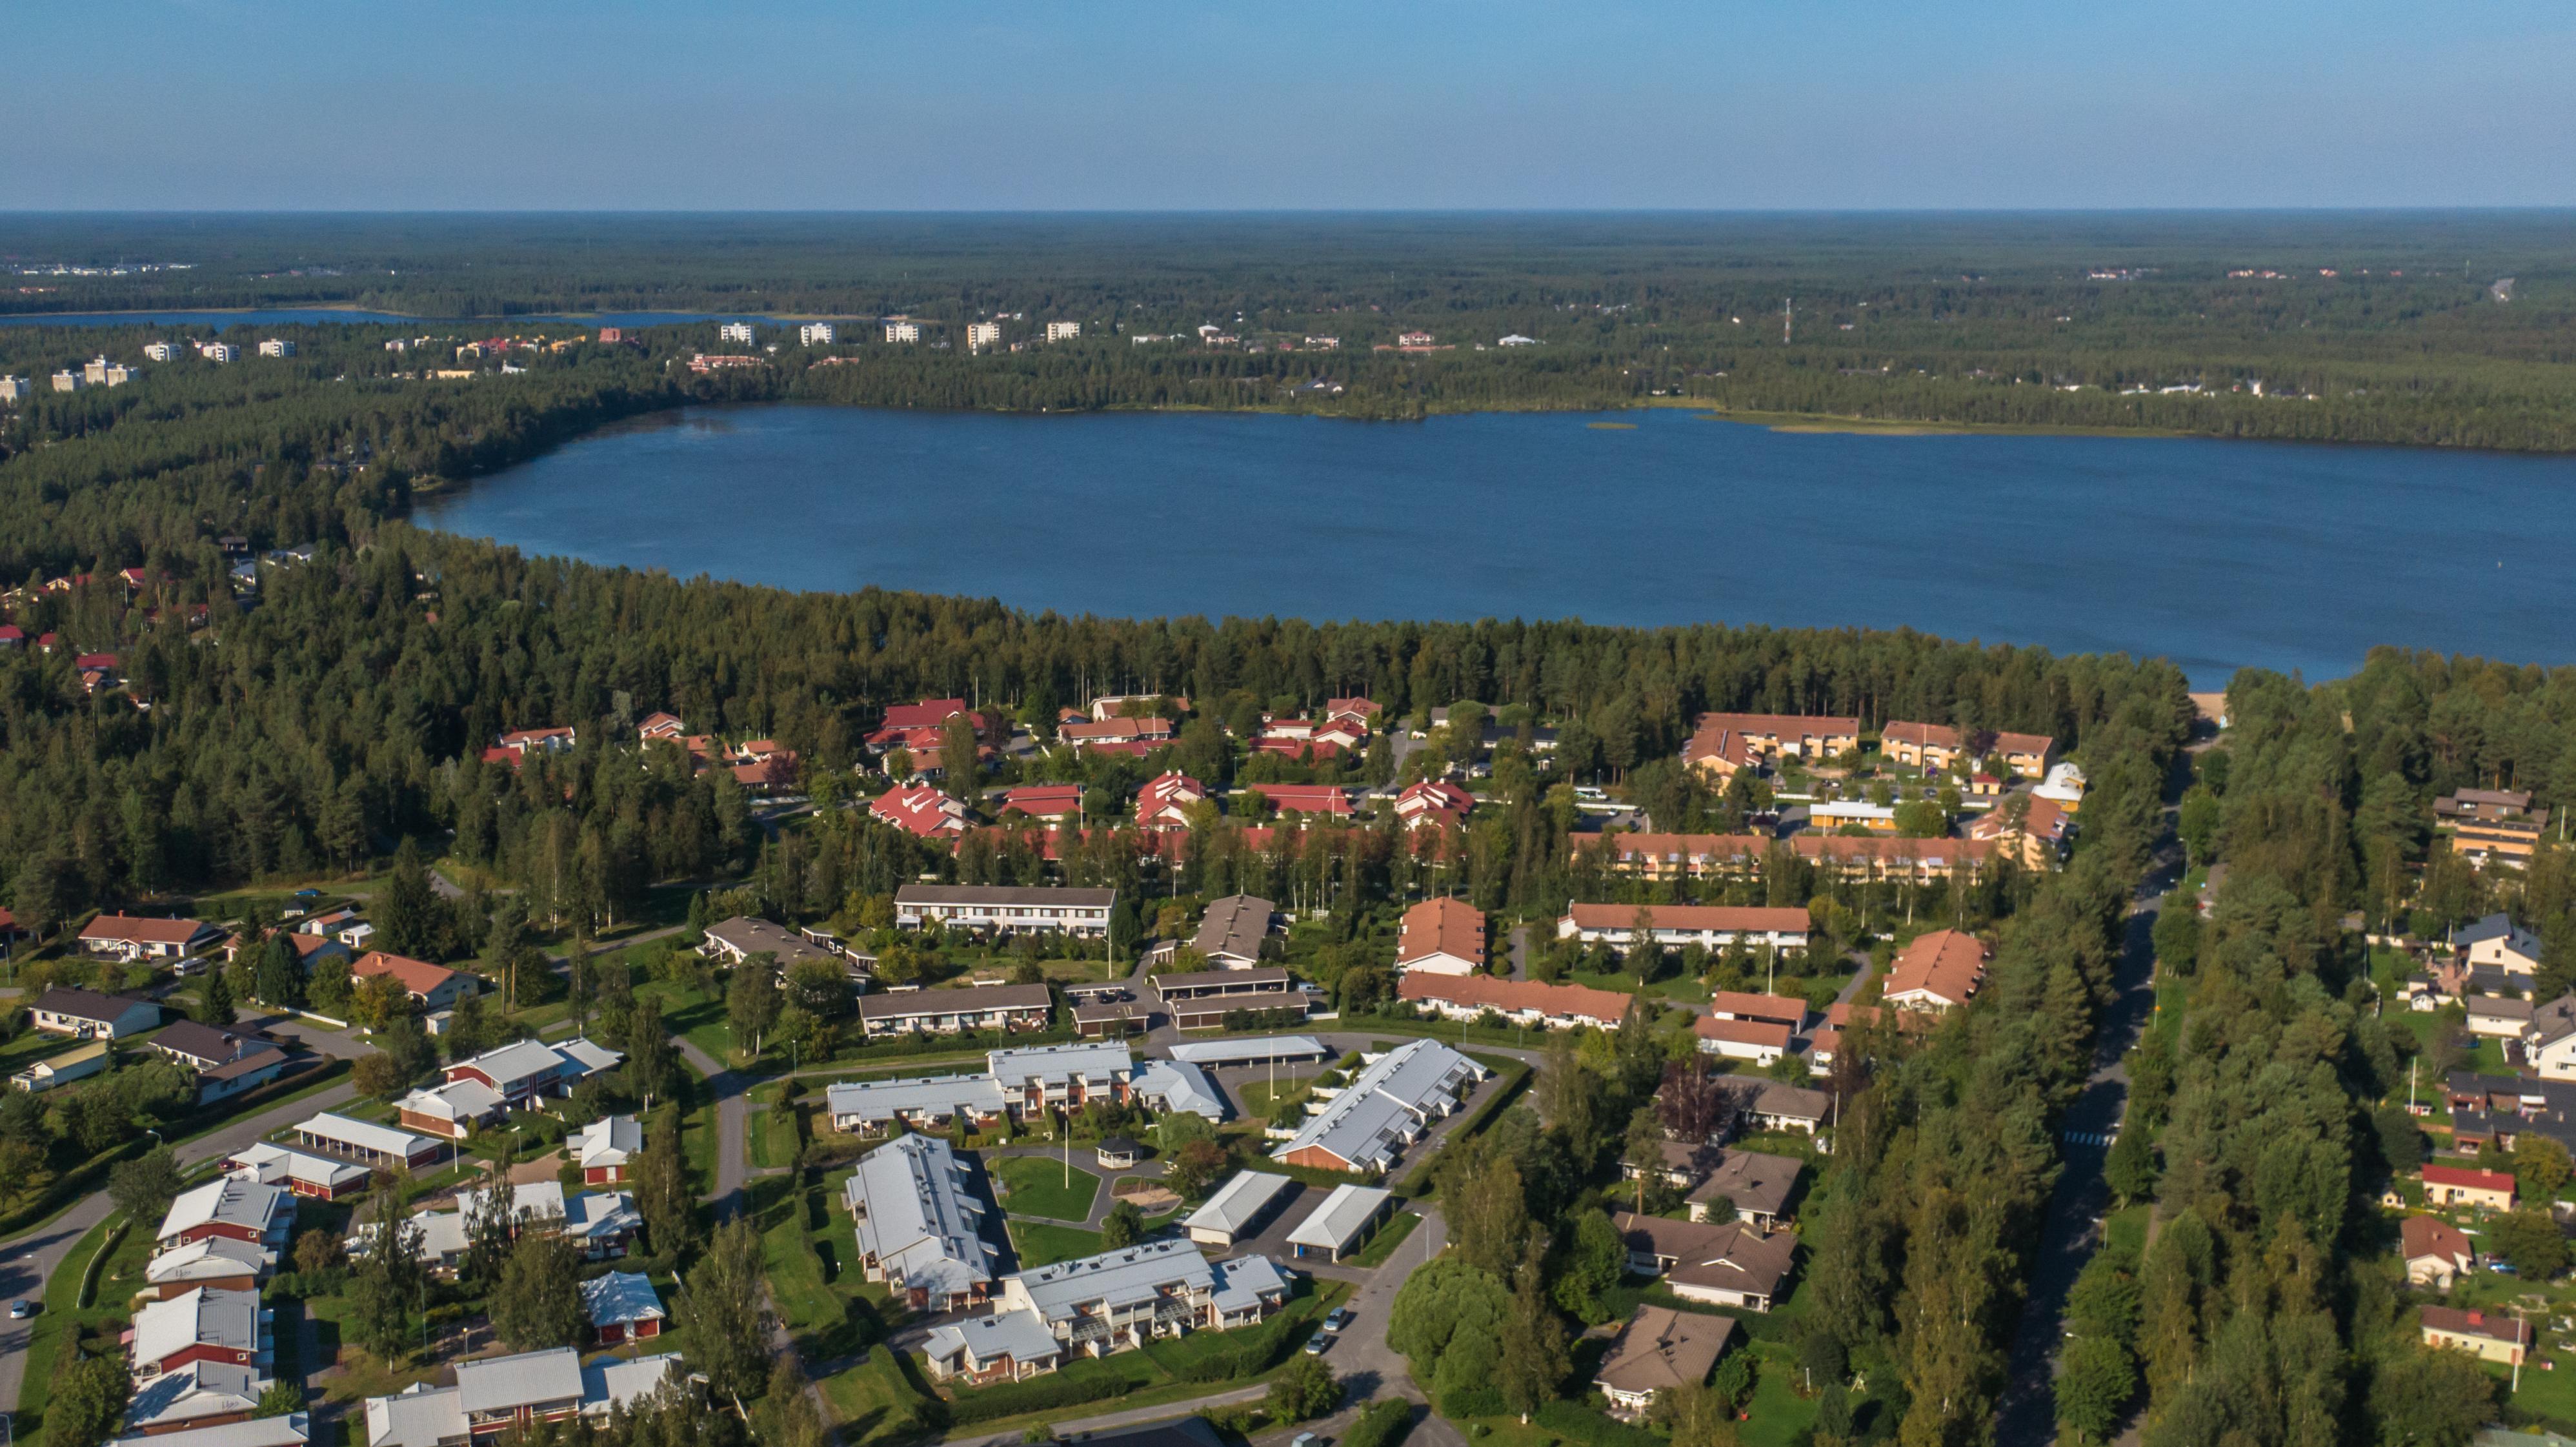 Pyykösjärvi näkyy kesällä otetussa ilmakuvassa Oulun Pyykösjärven asuinalueelta. Metsää ja siistiä omakoti- ja rivitaloasutusta. Harmaa-, ruskea- ja punakattoisia taloja.